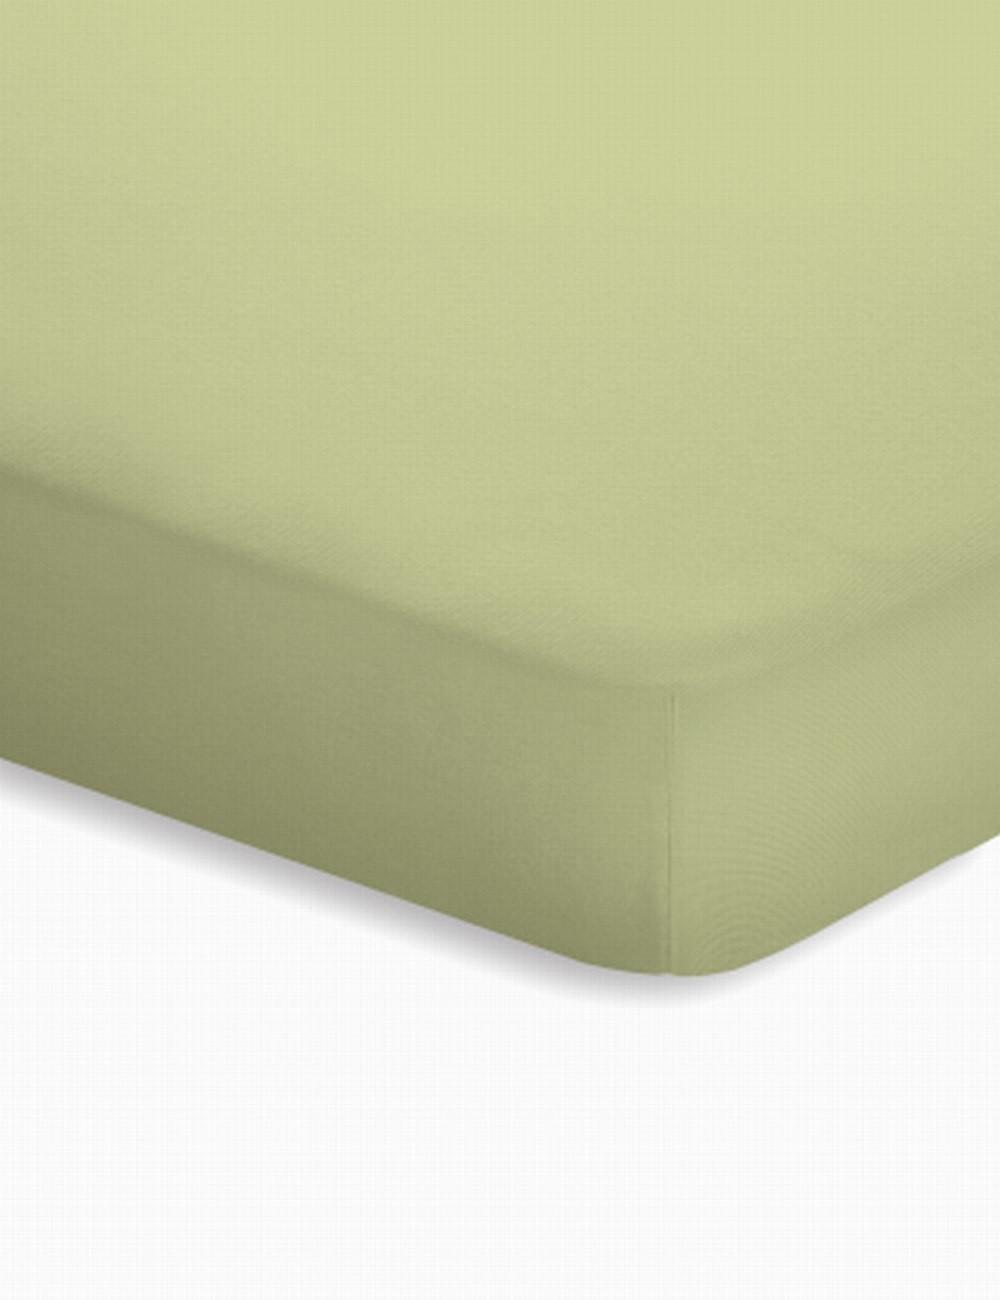 schlafgut jersey elasthan topper spannbettlaken 5015t. Black Bedroom Furniture Sets. Home Design Ideas